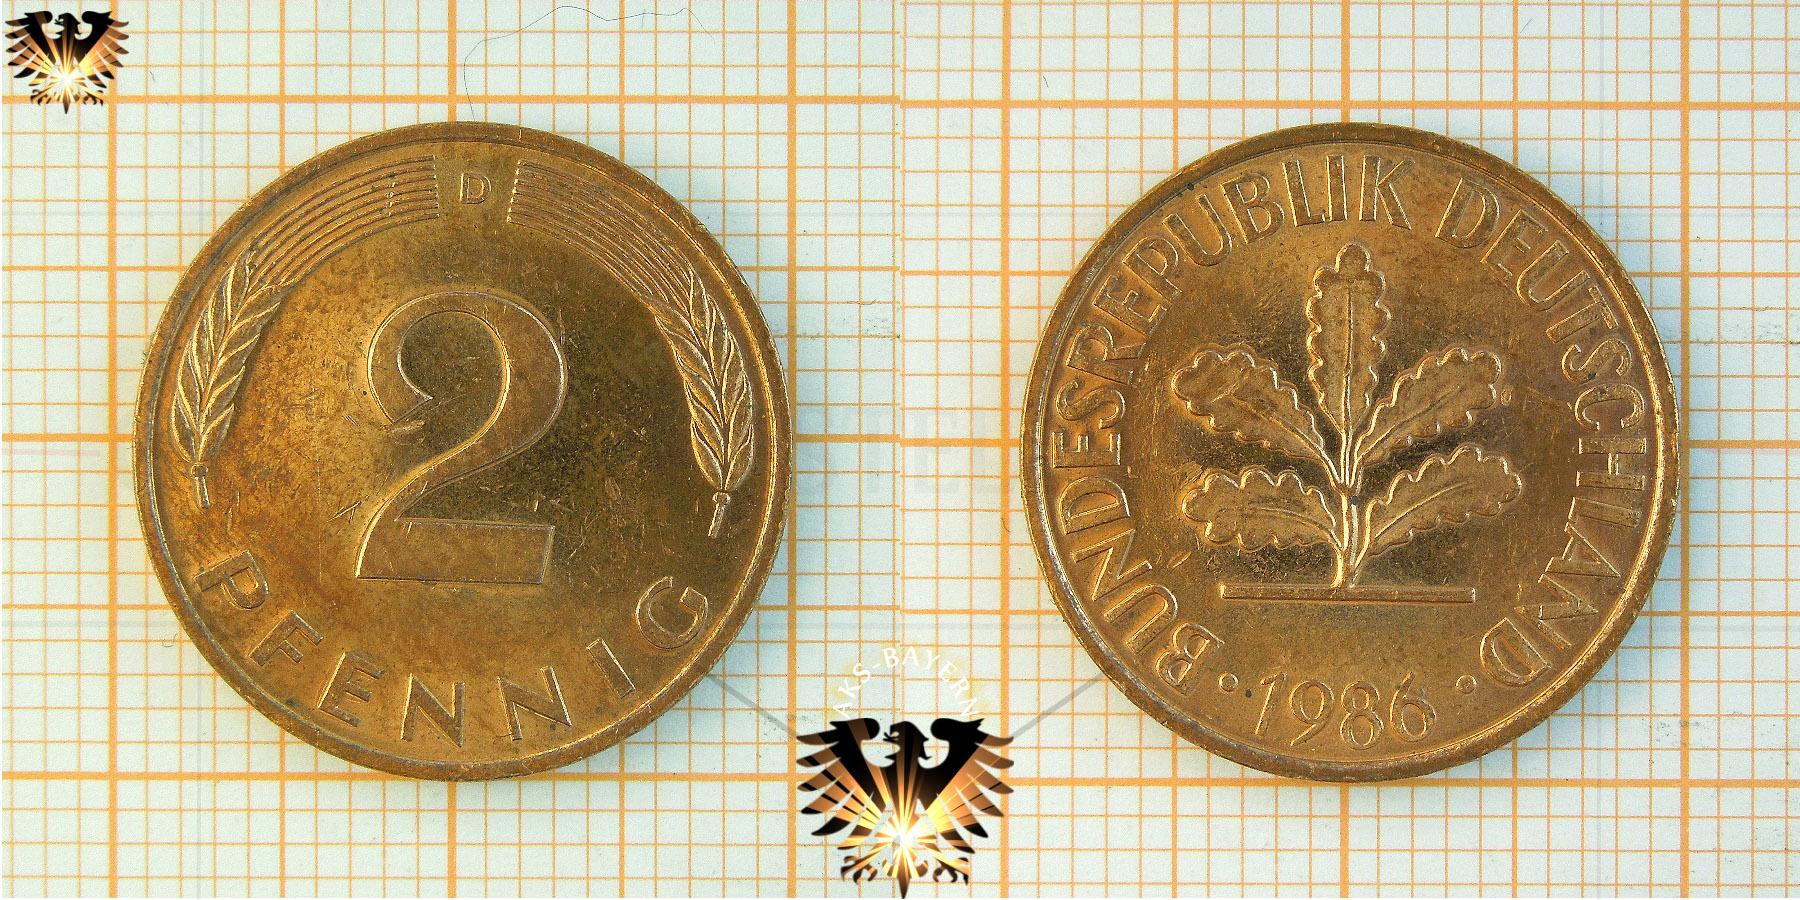 2 Pfennige Münze Brd Nominal 1950 Bis 2001